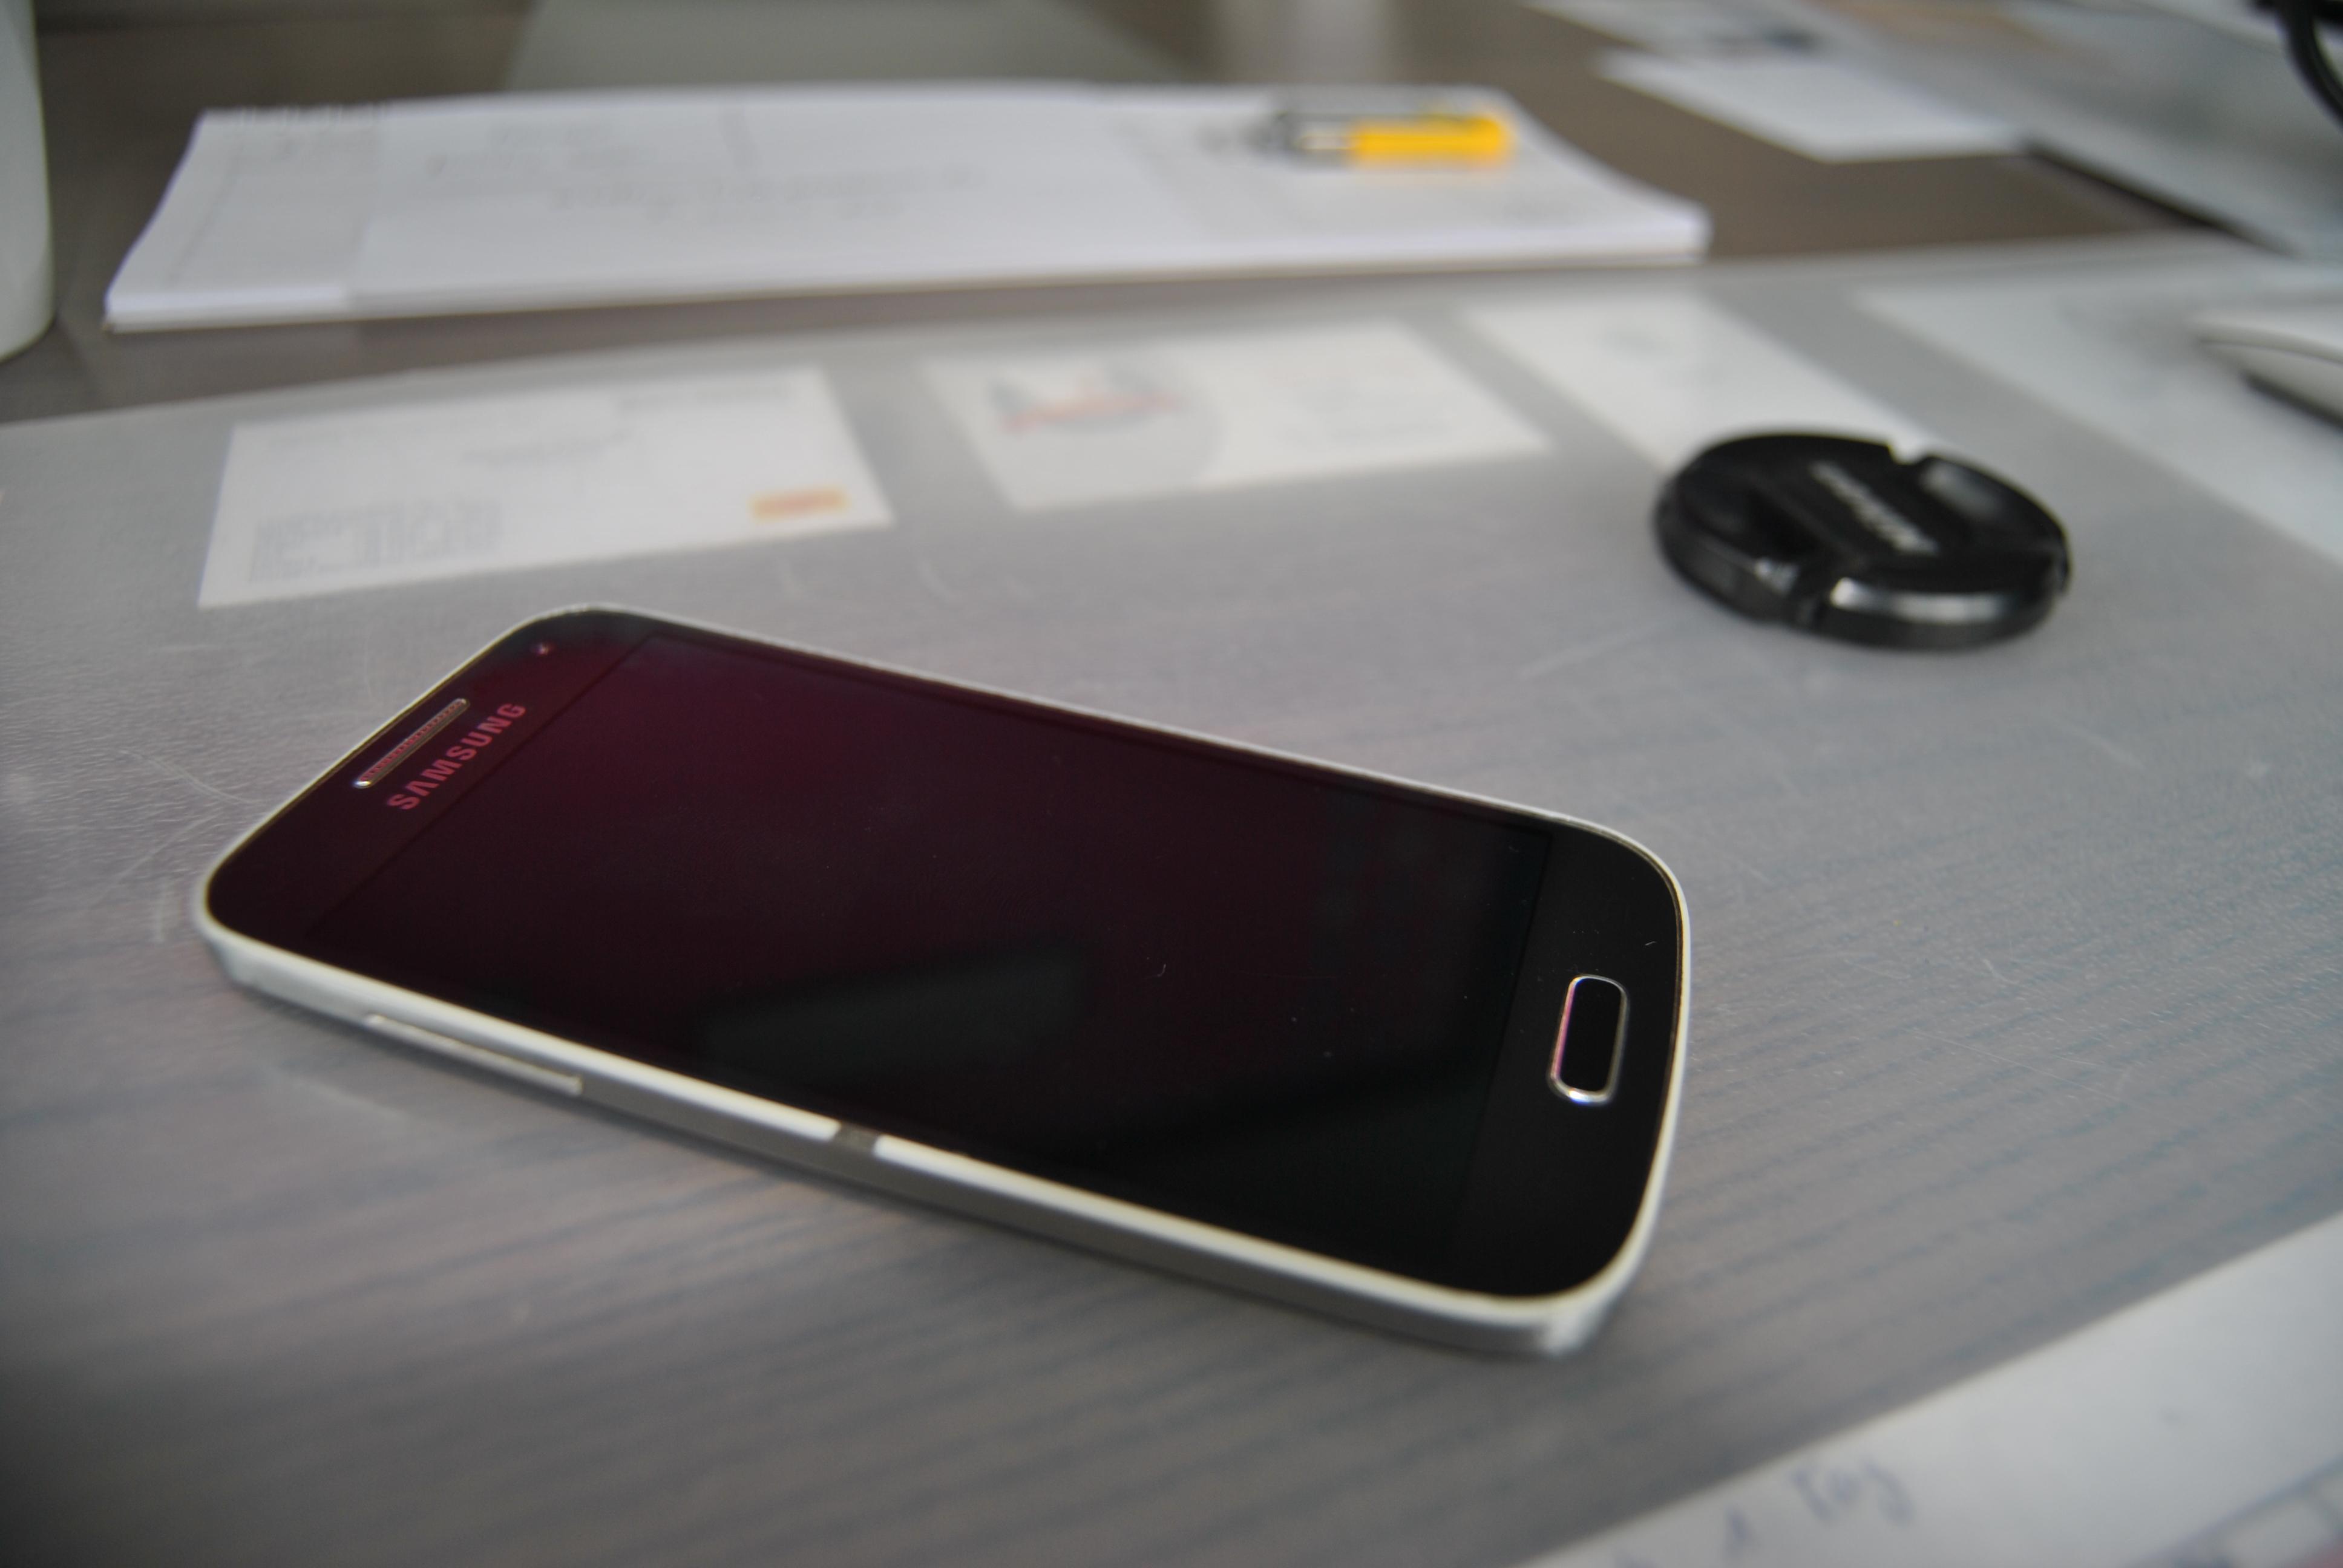 Bild von Versicherungen: Jeder zweite Deutsche wünscht sich Schadenregulierung per Smartphone